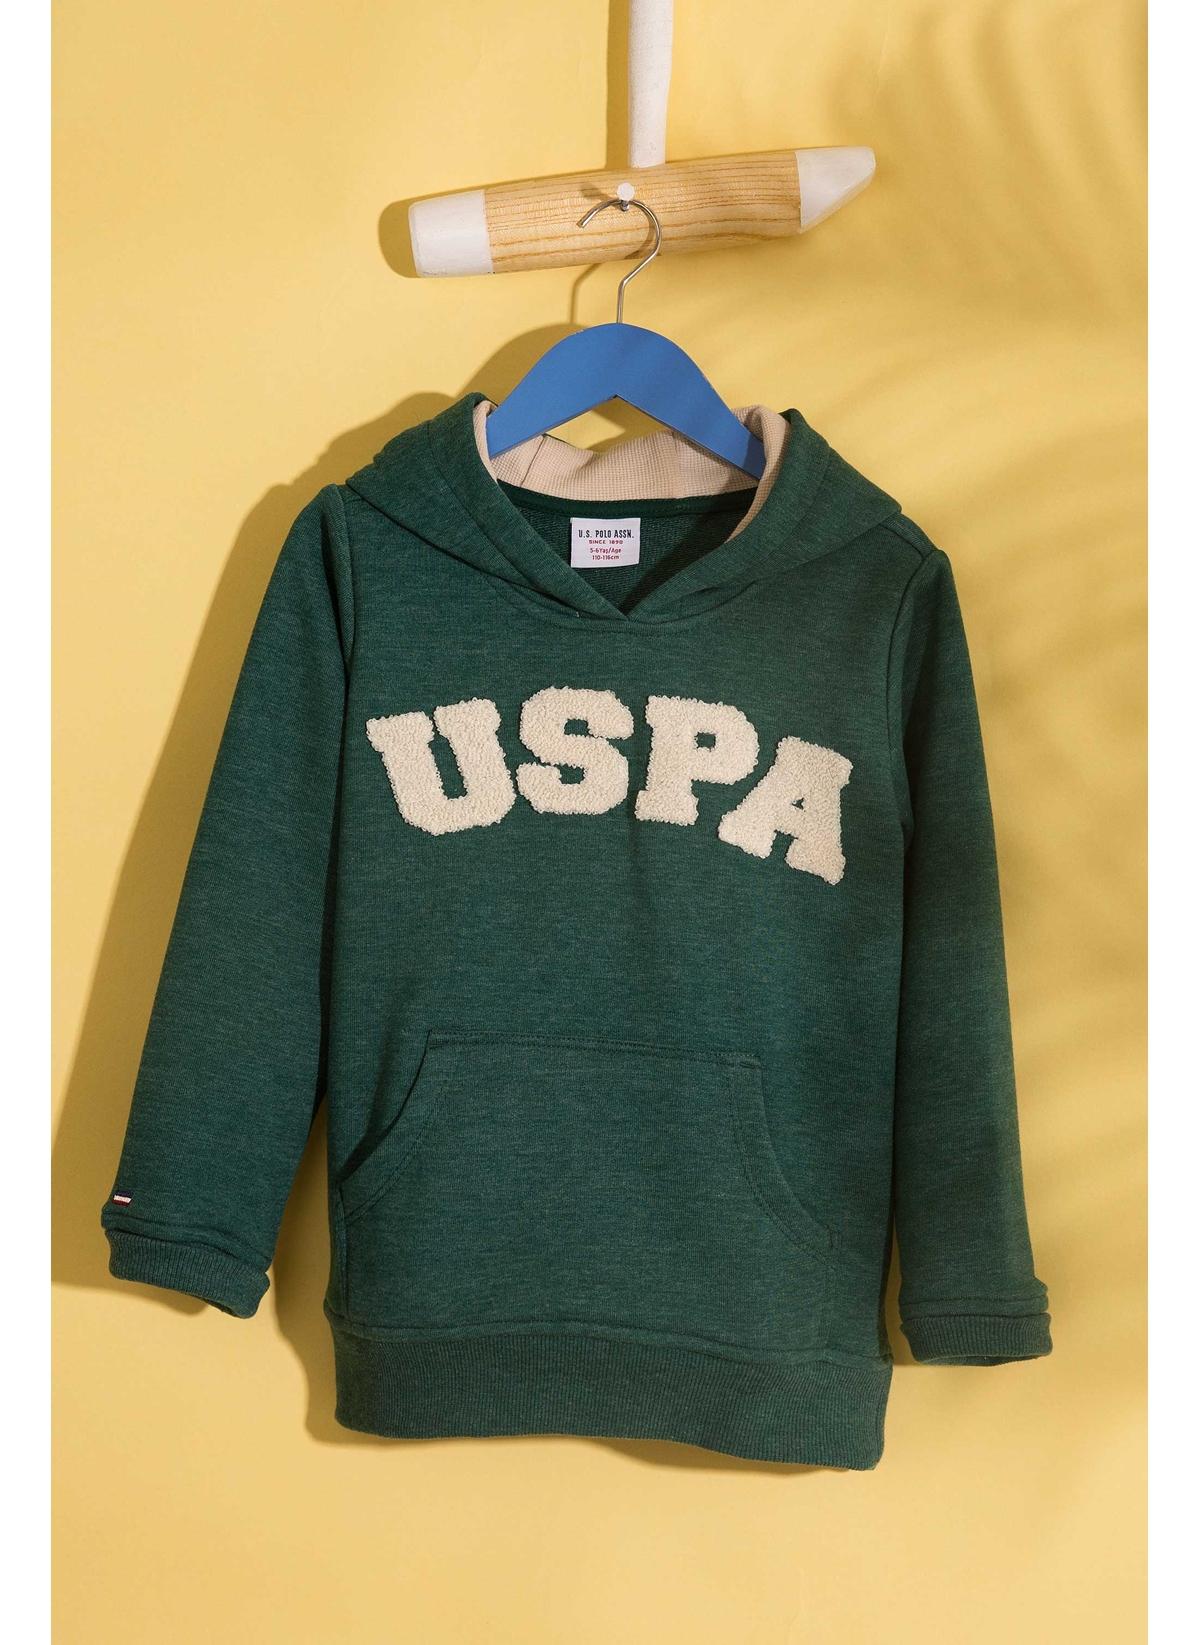 U.S. Polo Assn. Sweatshırt 4 Yaş 5001704879005 Ürün Resmi